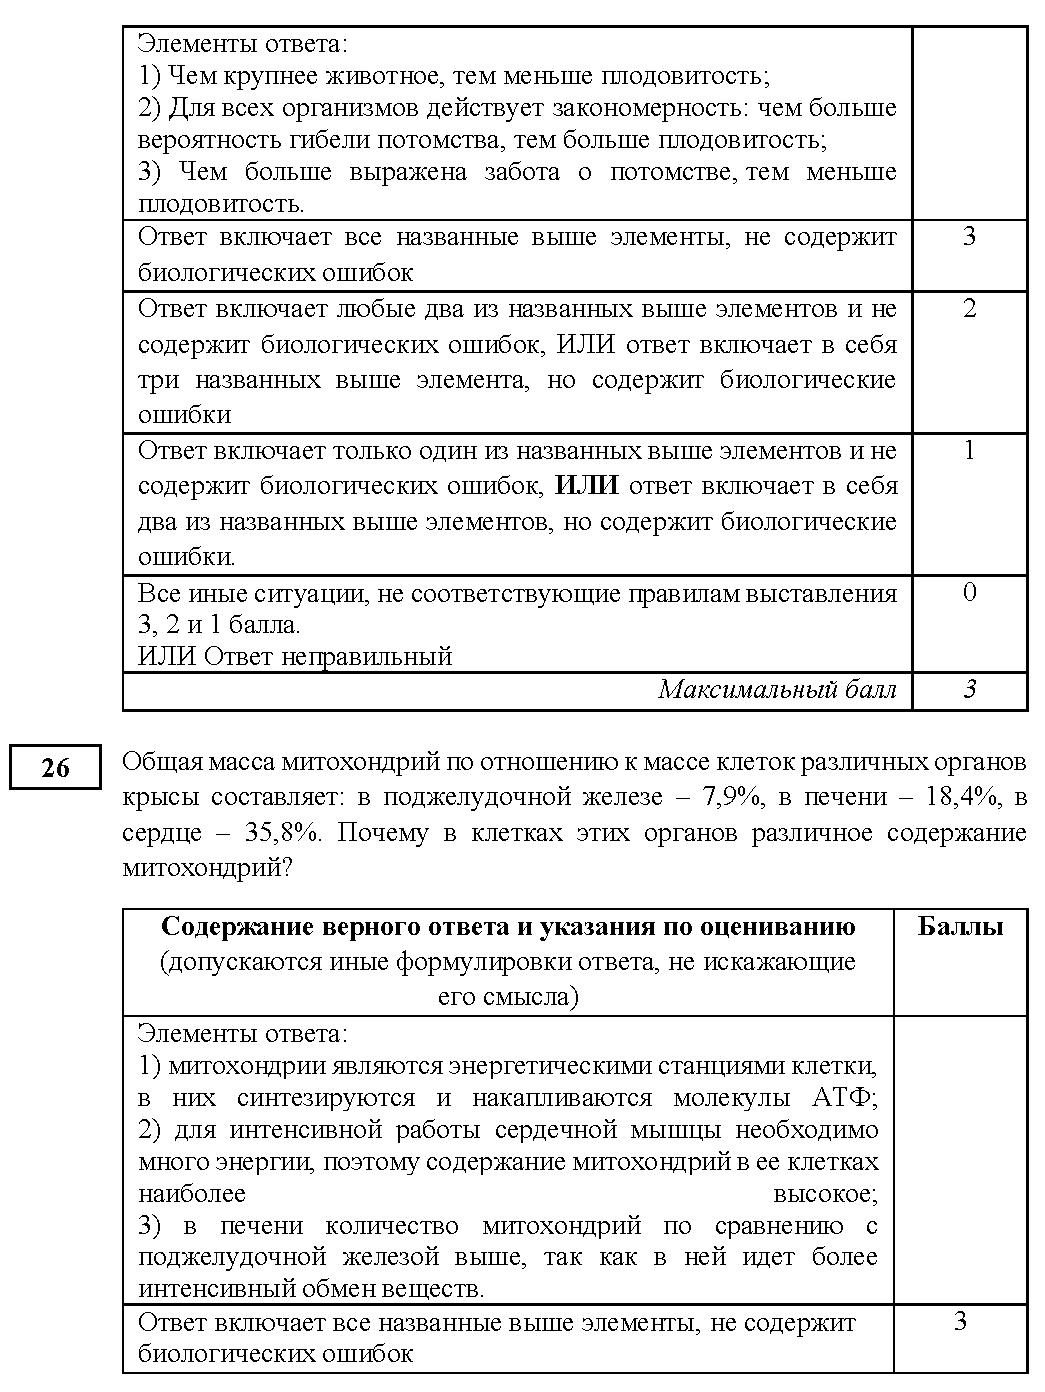 ЕГЭ Биология 2020. Пробный вариант № 21